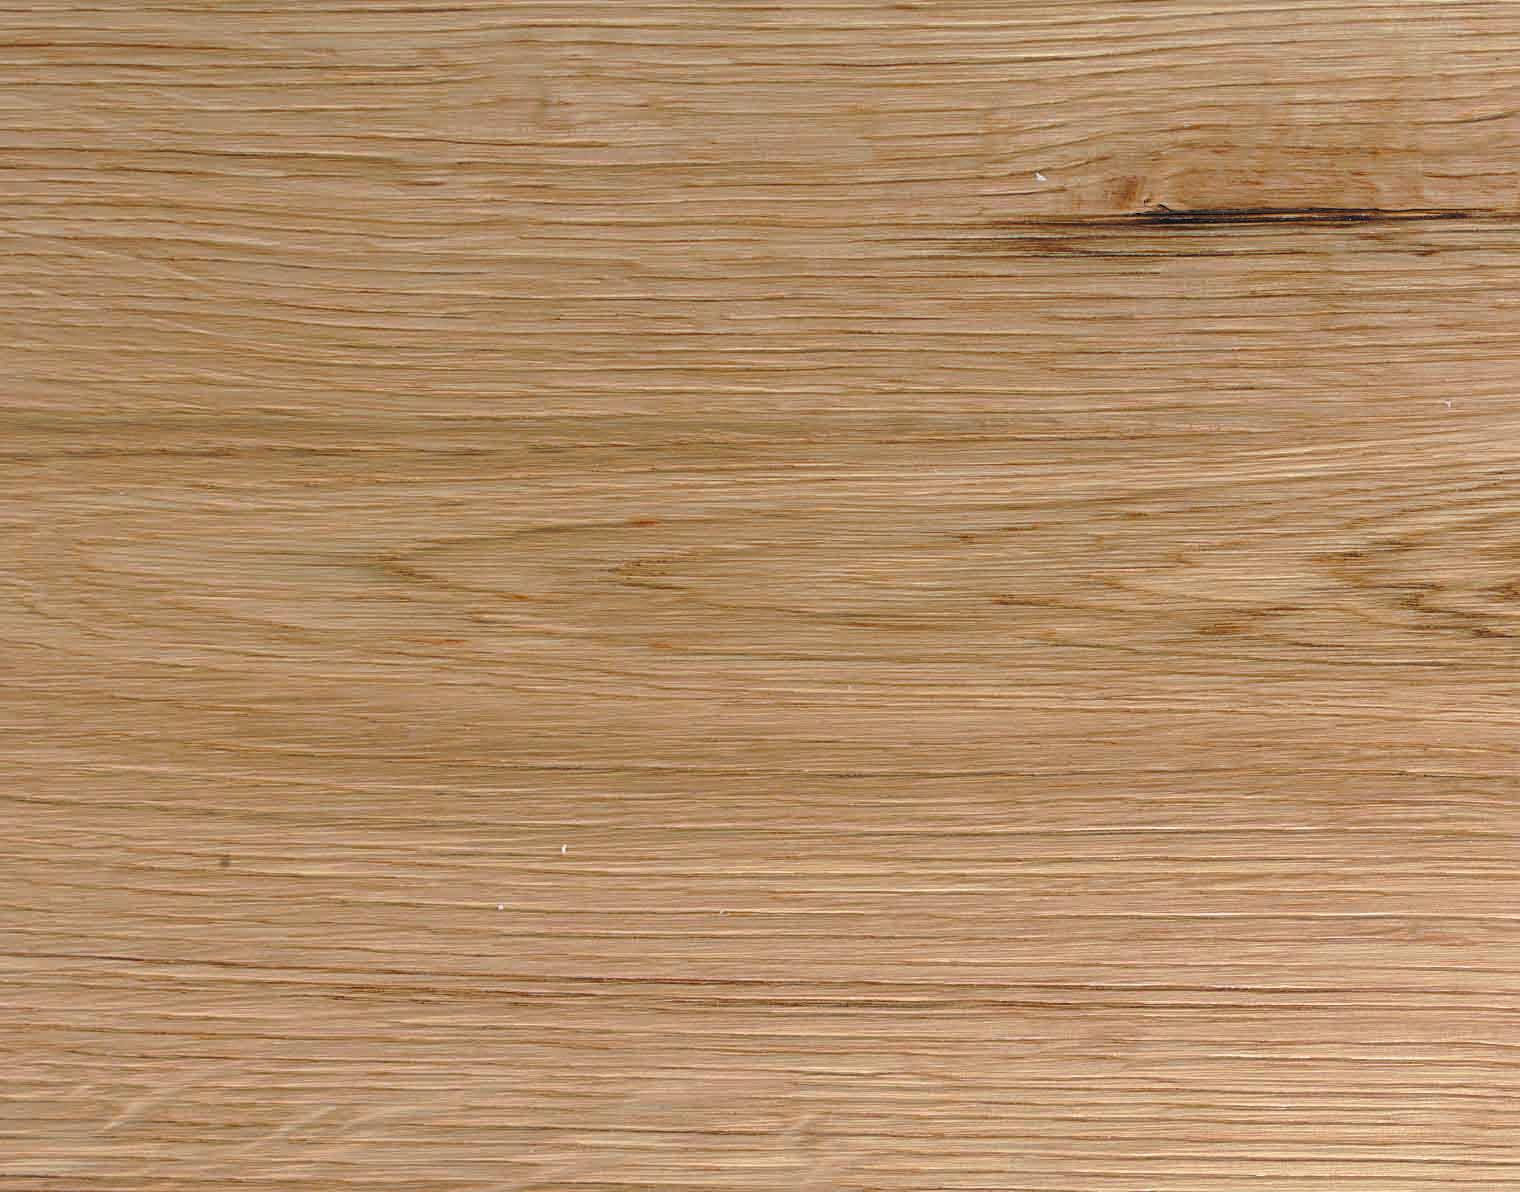 Legno Per Parquet Africano 8 essenze di legno per parquet ideali per casa tua | gruppo